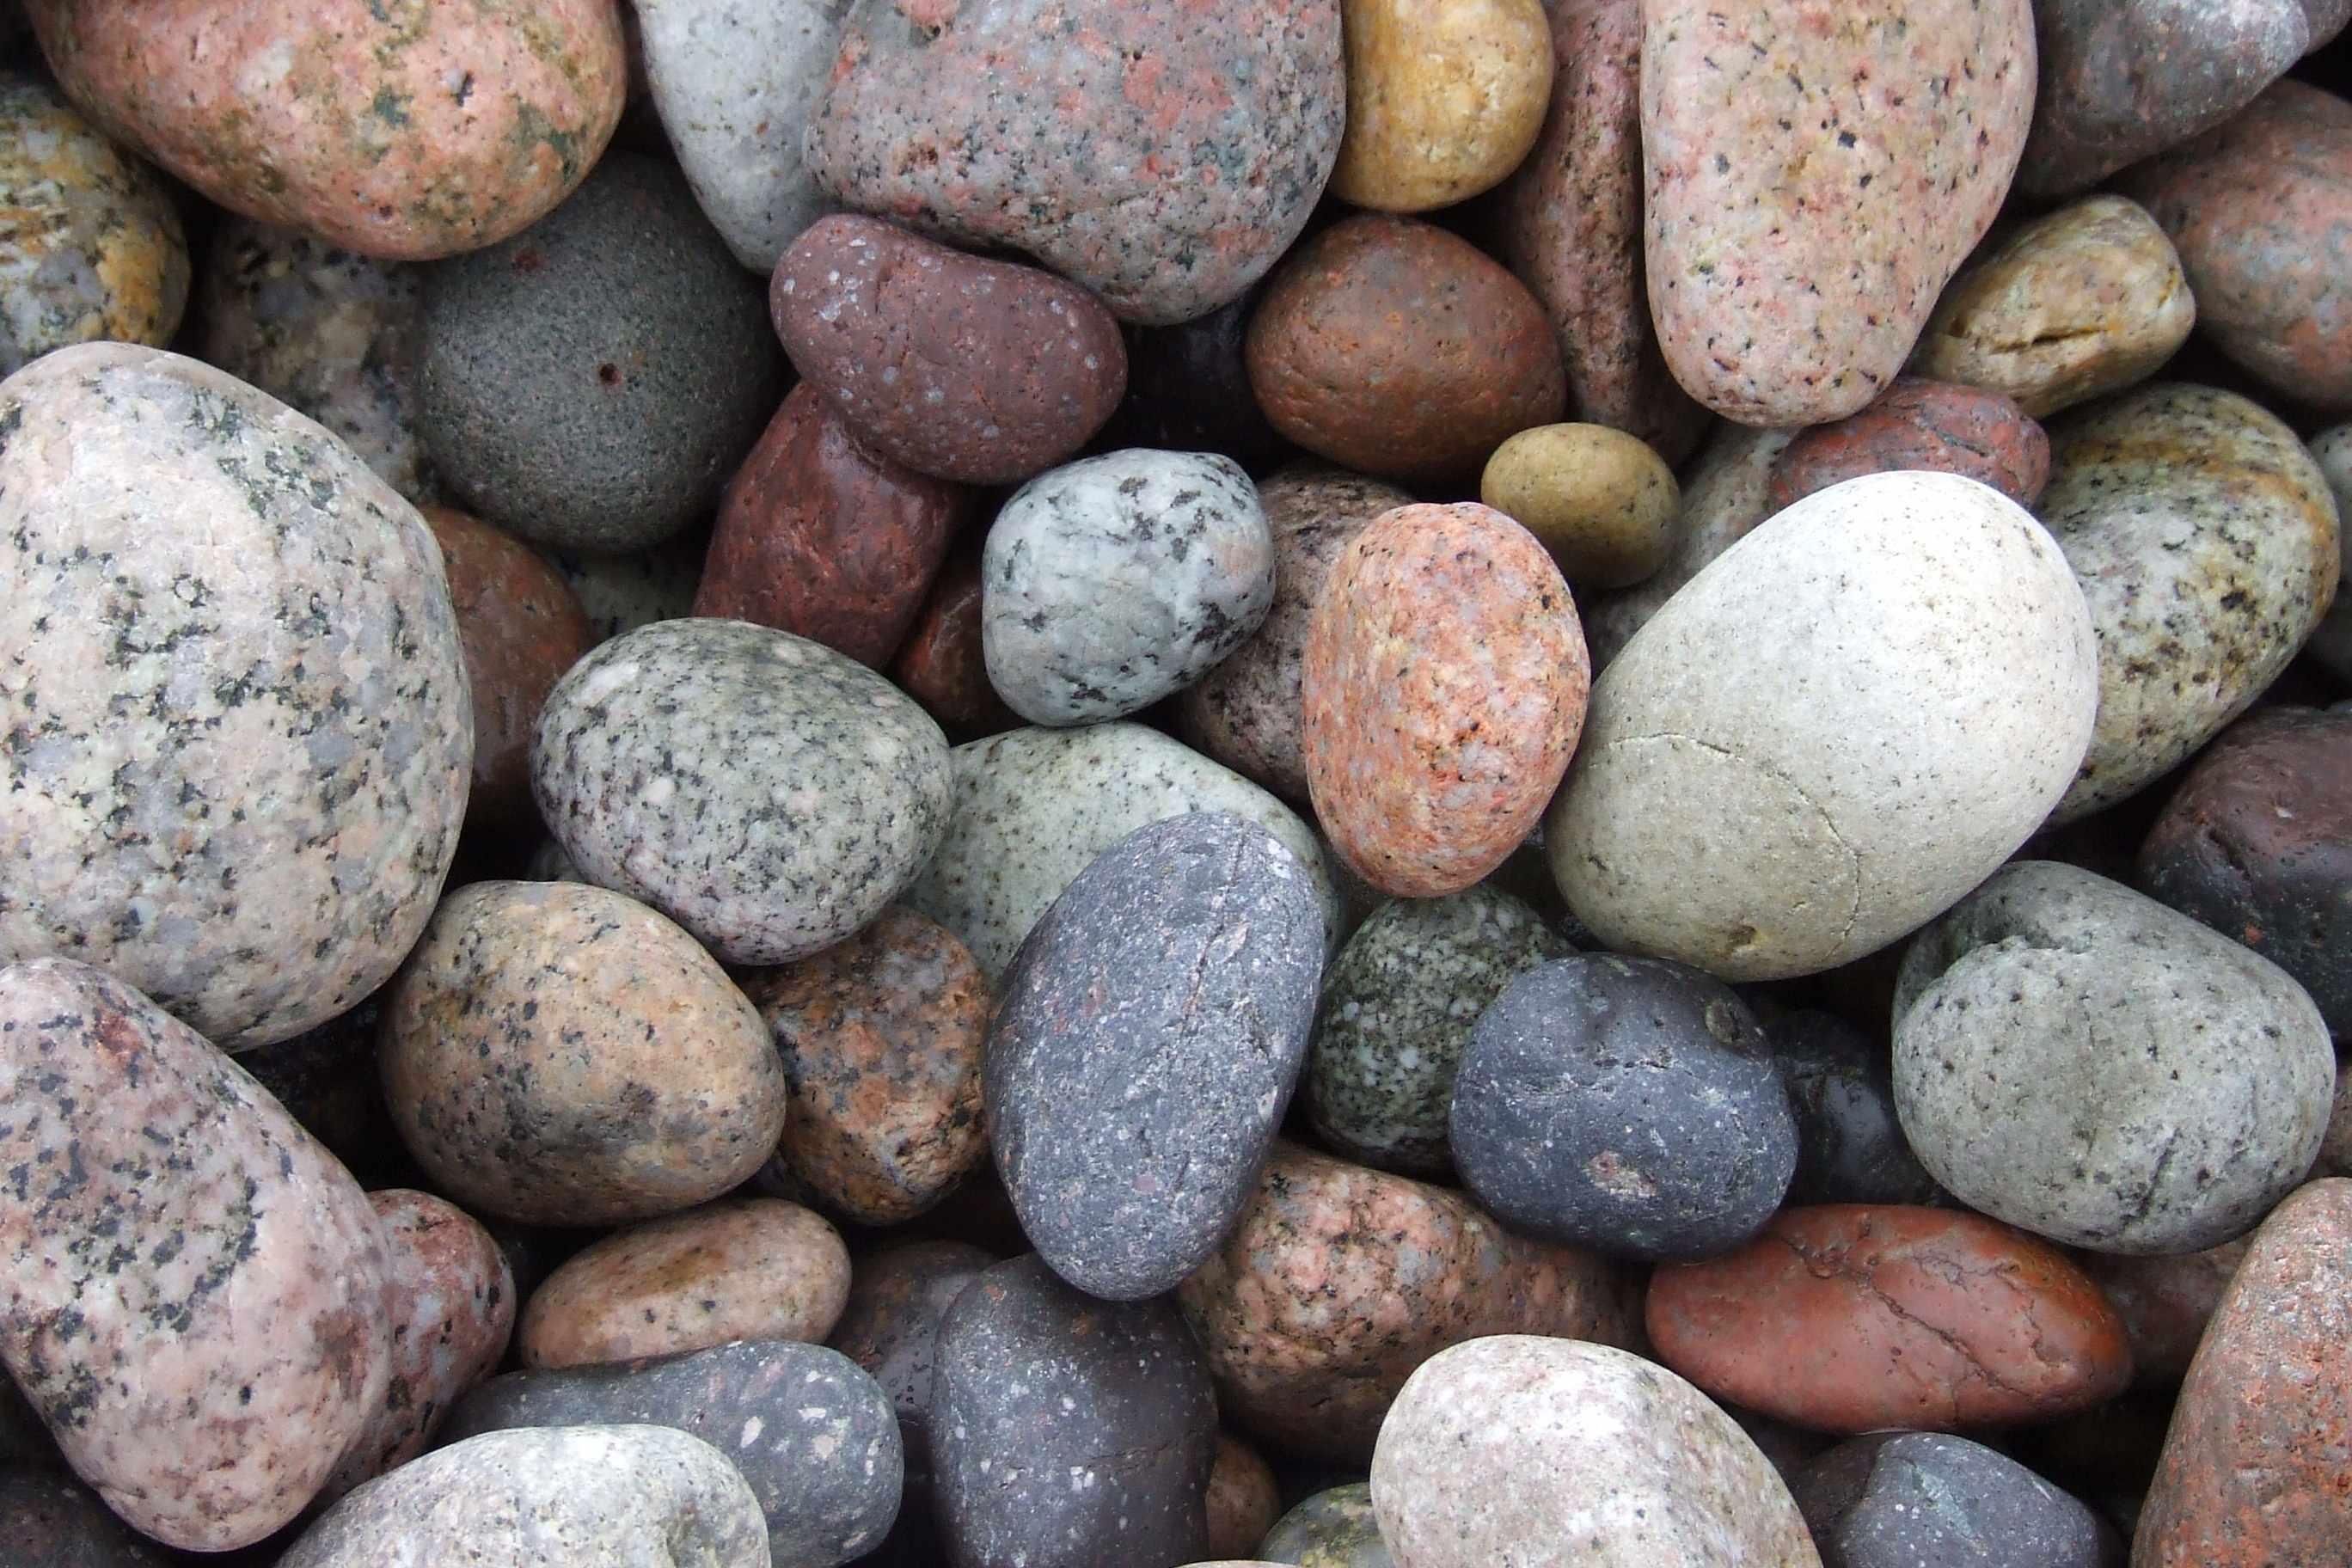 الحجارة الصغيرة تضيف لمسة جمال للمنزل-1